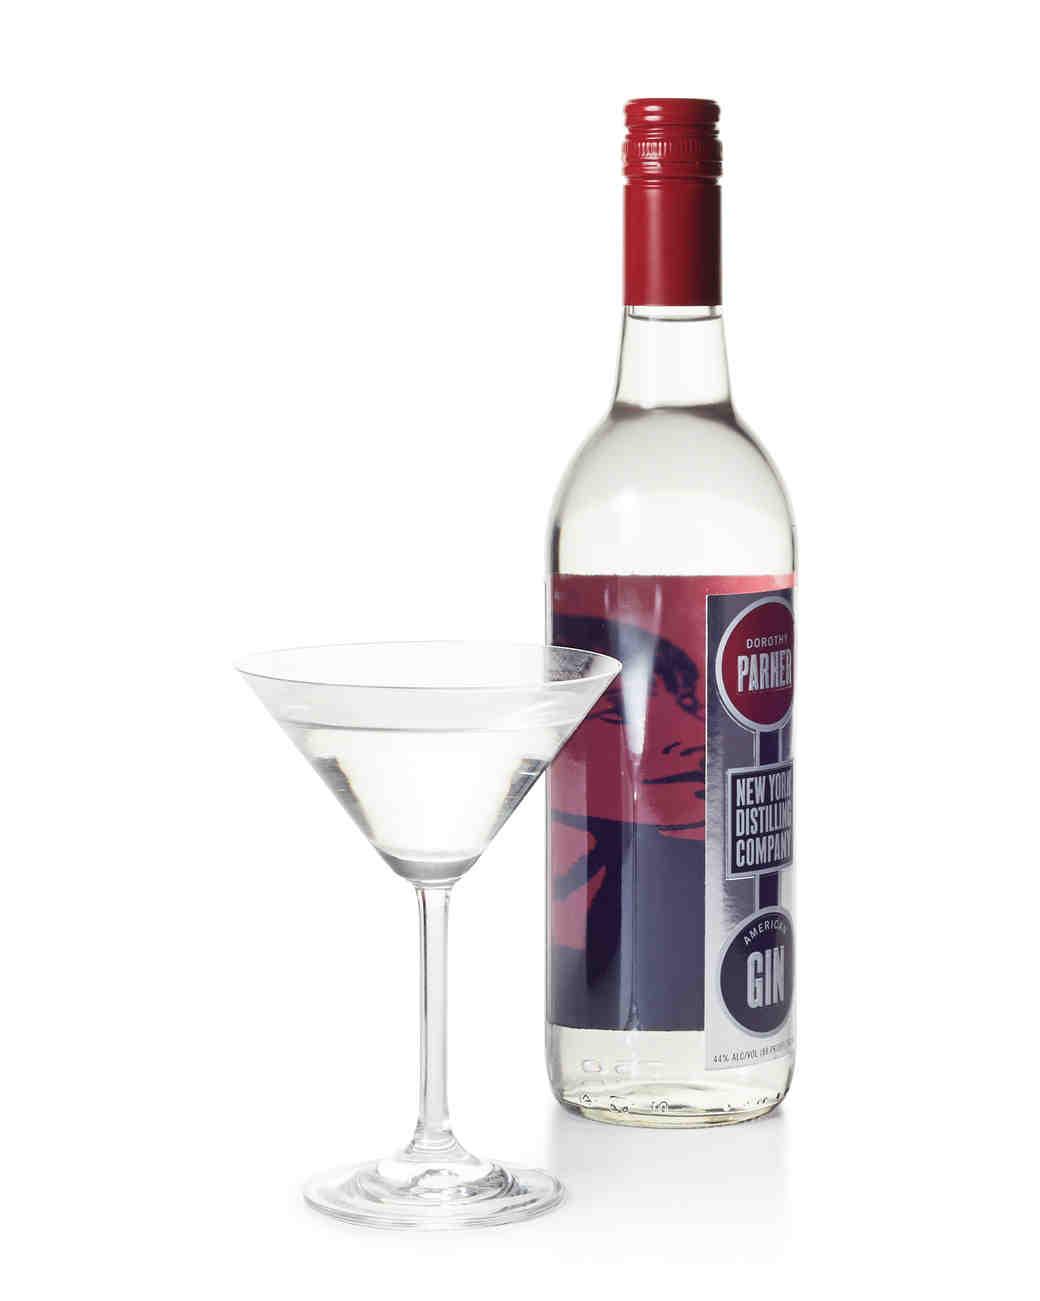 dorothy-parker-gin-no-olives-036-d111569.jpg